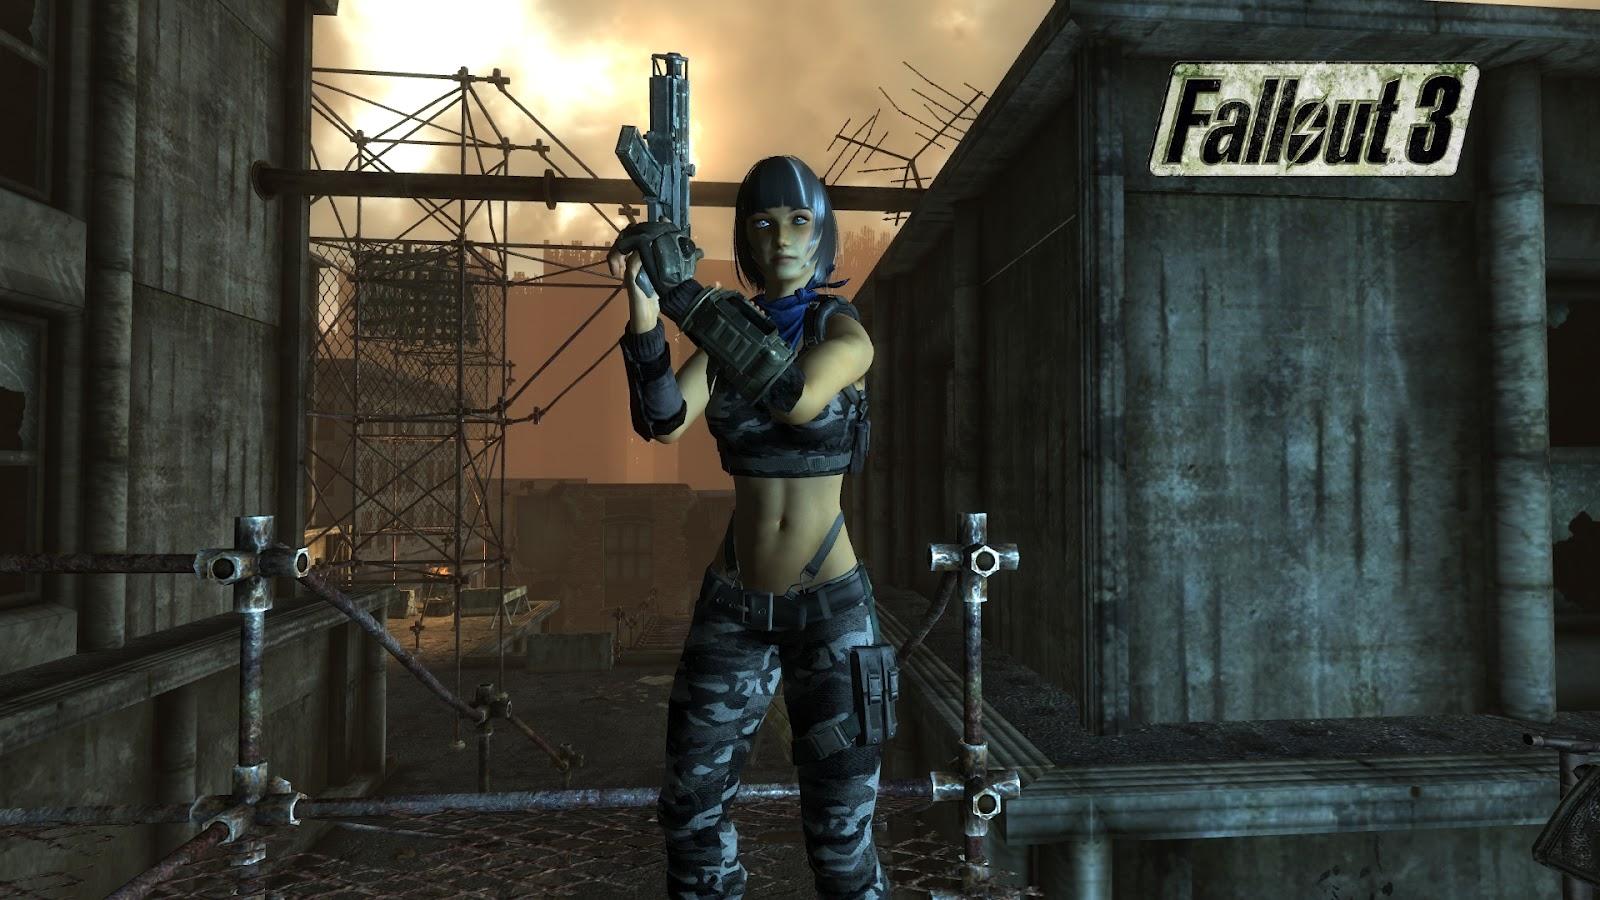 Fallout 3 Wallpaper 1080p - WallpaperSafari